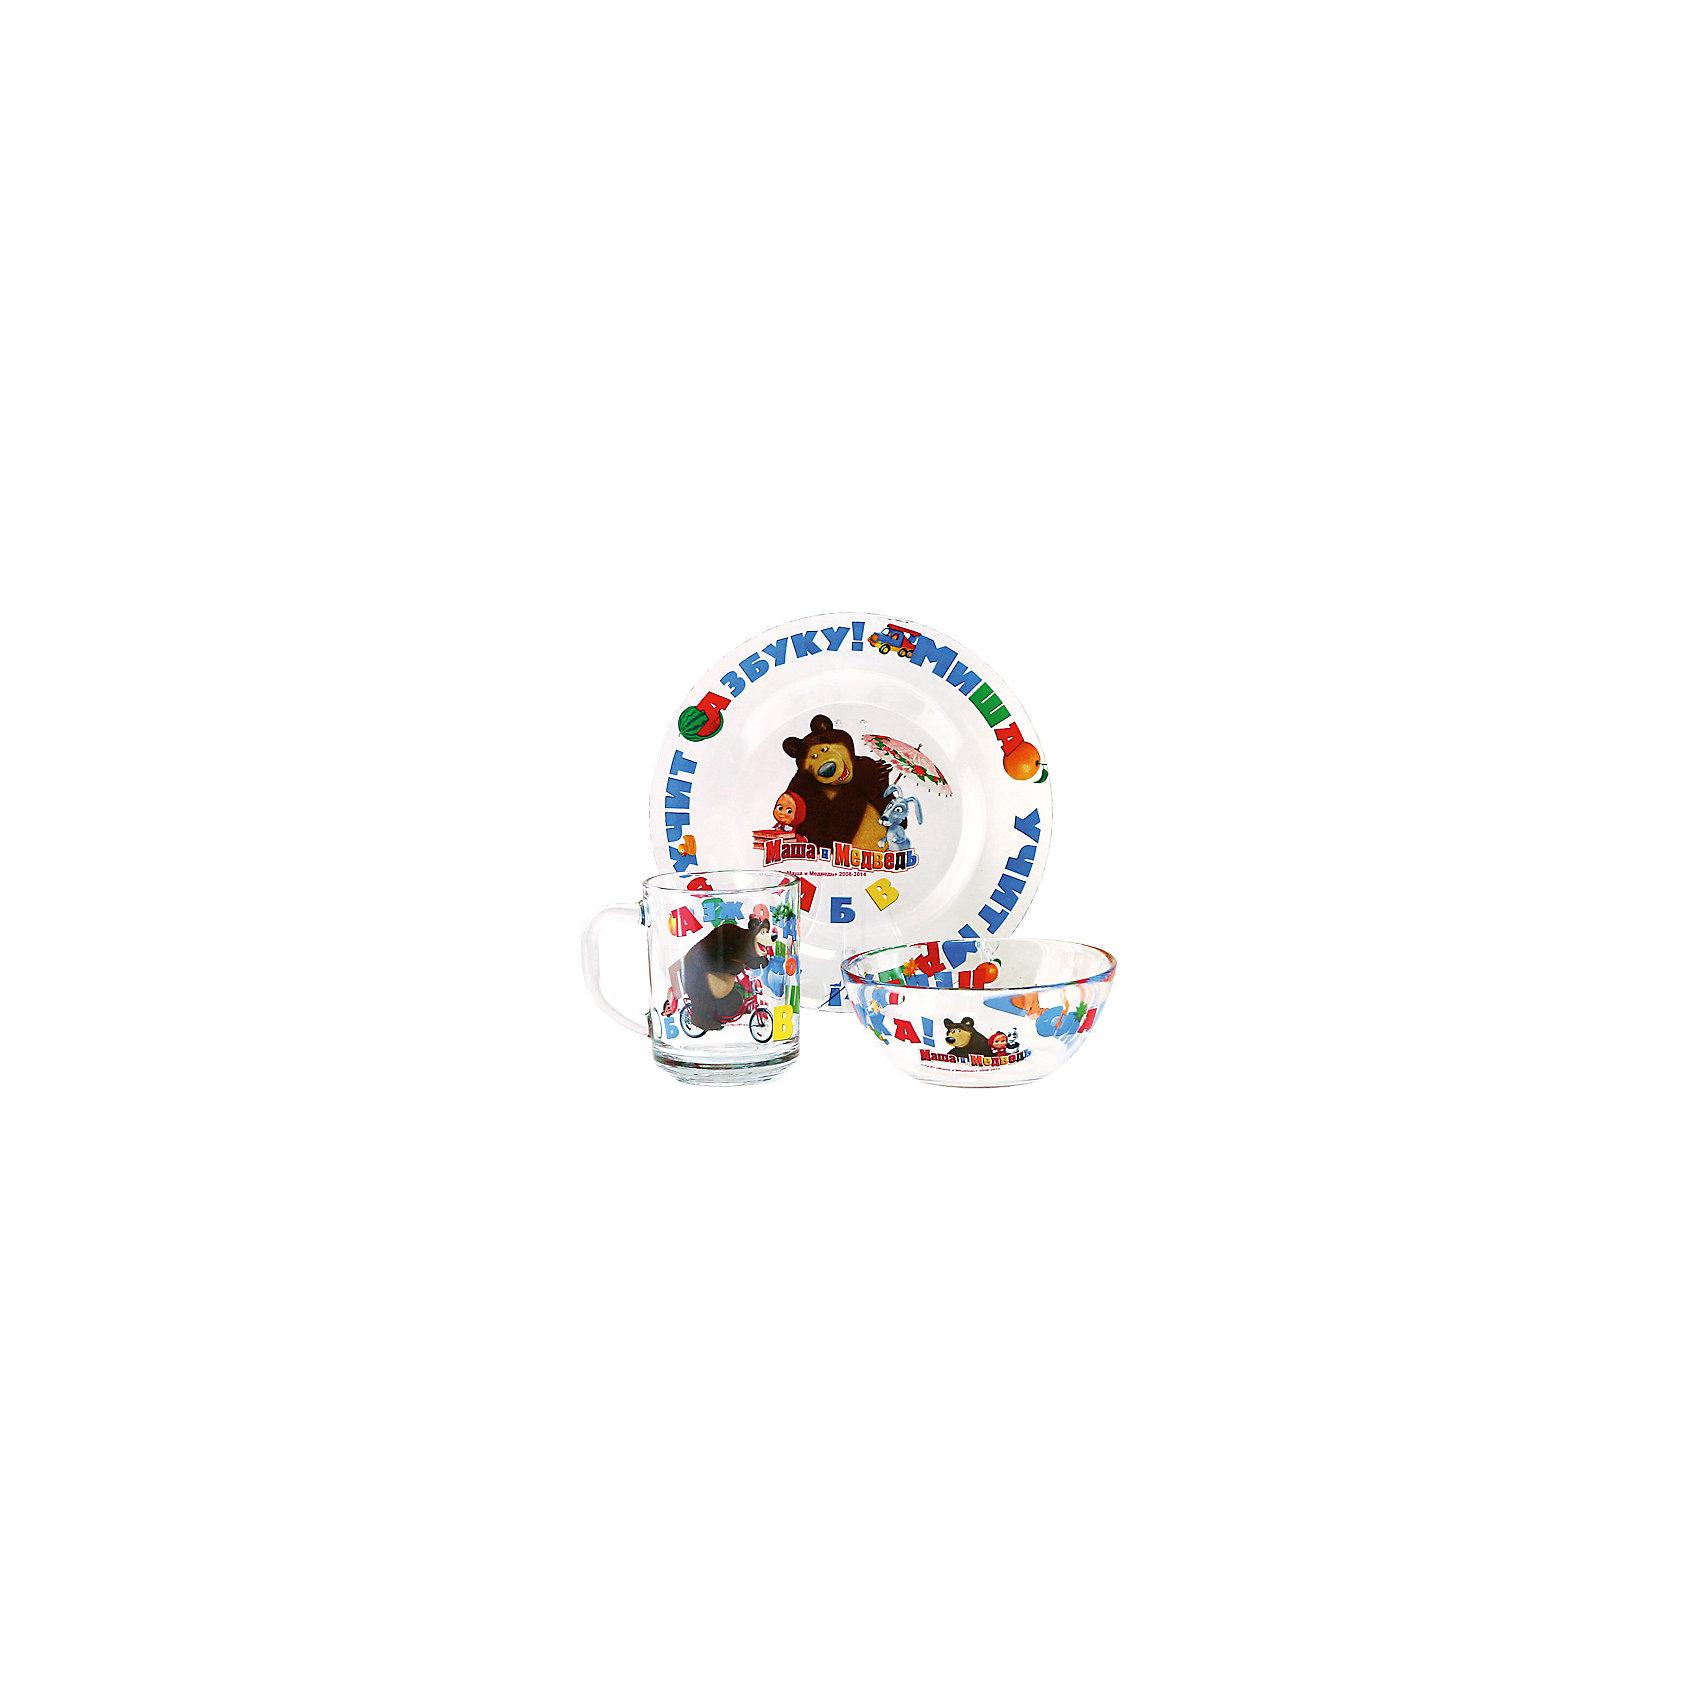 Набор Маша и Медведь - Азбука, 3 предметаМаша и Медведь<br>Яркий набор с изображением озорной Маши и ее друзей обязательно понравится ребенку. Теперь любой прием пищи превратится в увлекательное приключение! Посуда выполнена из высококачественных экологичных материалов, раскрашена гипоаллергенными, безопасными для детей красителями. Набор в яркой, красивой упаковке станет желанным подарком на любой праздник. <br><br>Дополнительная информация:<br><br>- Материал: стекло.<br>- Комплектация: салатник, кружка, тарелка. <br>- Размер упаковки: 20х11х20 см. <br>- Диаметр салатника: 13 см.<br>- Диаметр тарелки: 19,5 см. <br>- Объем кружки: 250 мл. <br><br>Набор Маша и Медведь - Азбука, 3 предмета, можно купить в нашем магазине.<br><br>Ширина мм: 205<br>Глубина мм: 110<br>Высота мм: 205<br>Вес г: 860<br>Возраст от месяцев: 36<br>Возраст до месяцев: 144<br>Пол: Унисекс<br>Возраст: Детский<br>SKU: 4761420